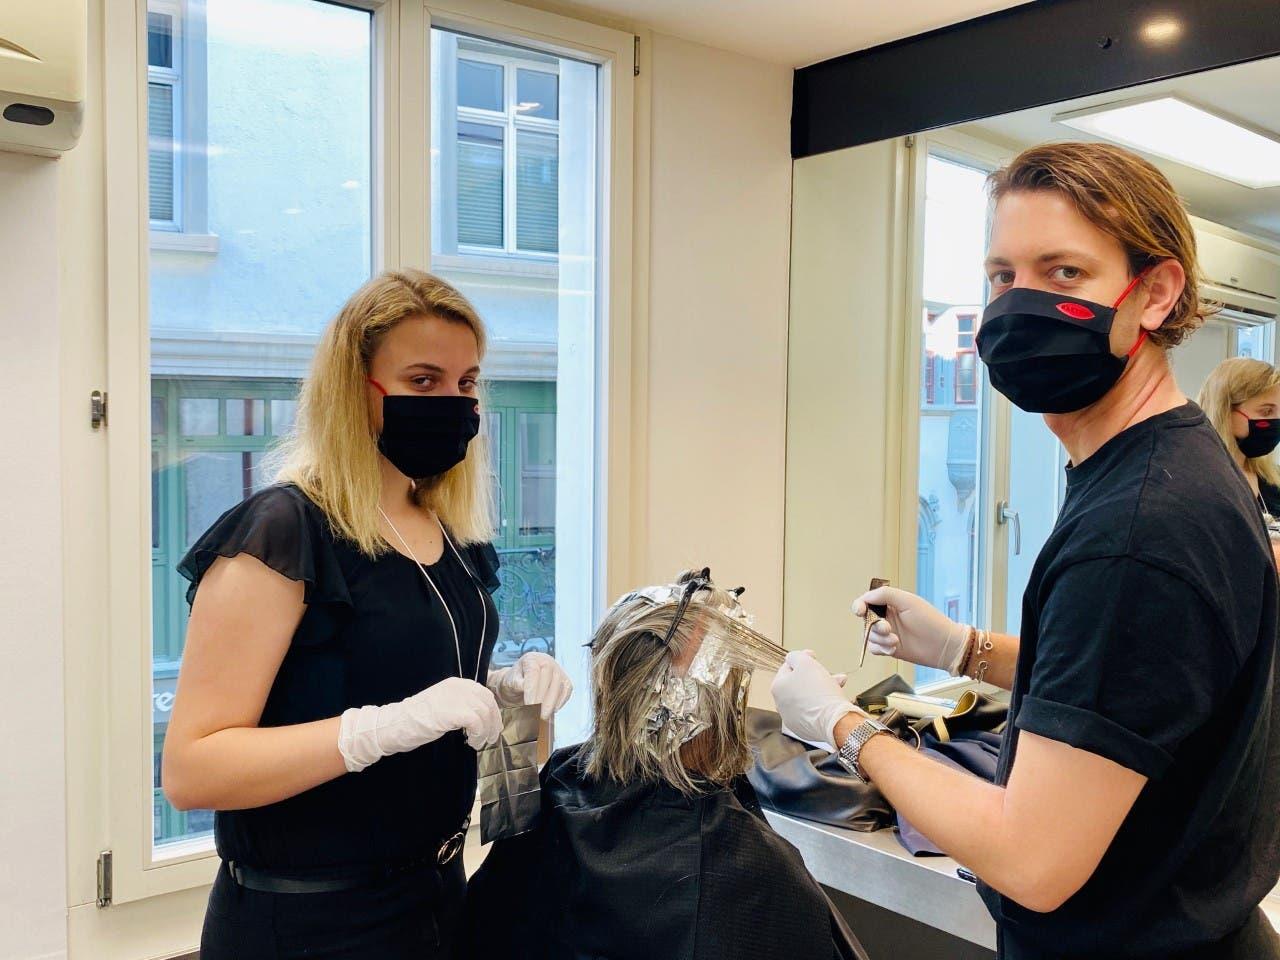 Mit der Maske schwatzt man weniger: Coiffeure von Bättig in St.Gallen können wieder arbeiten.